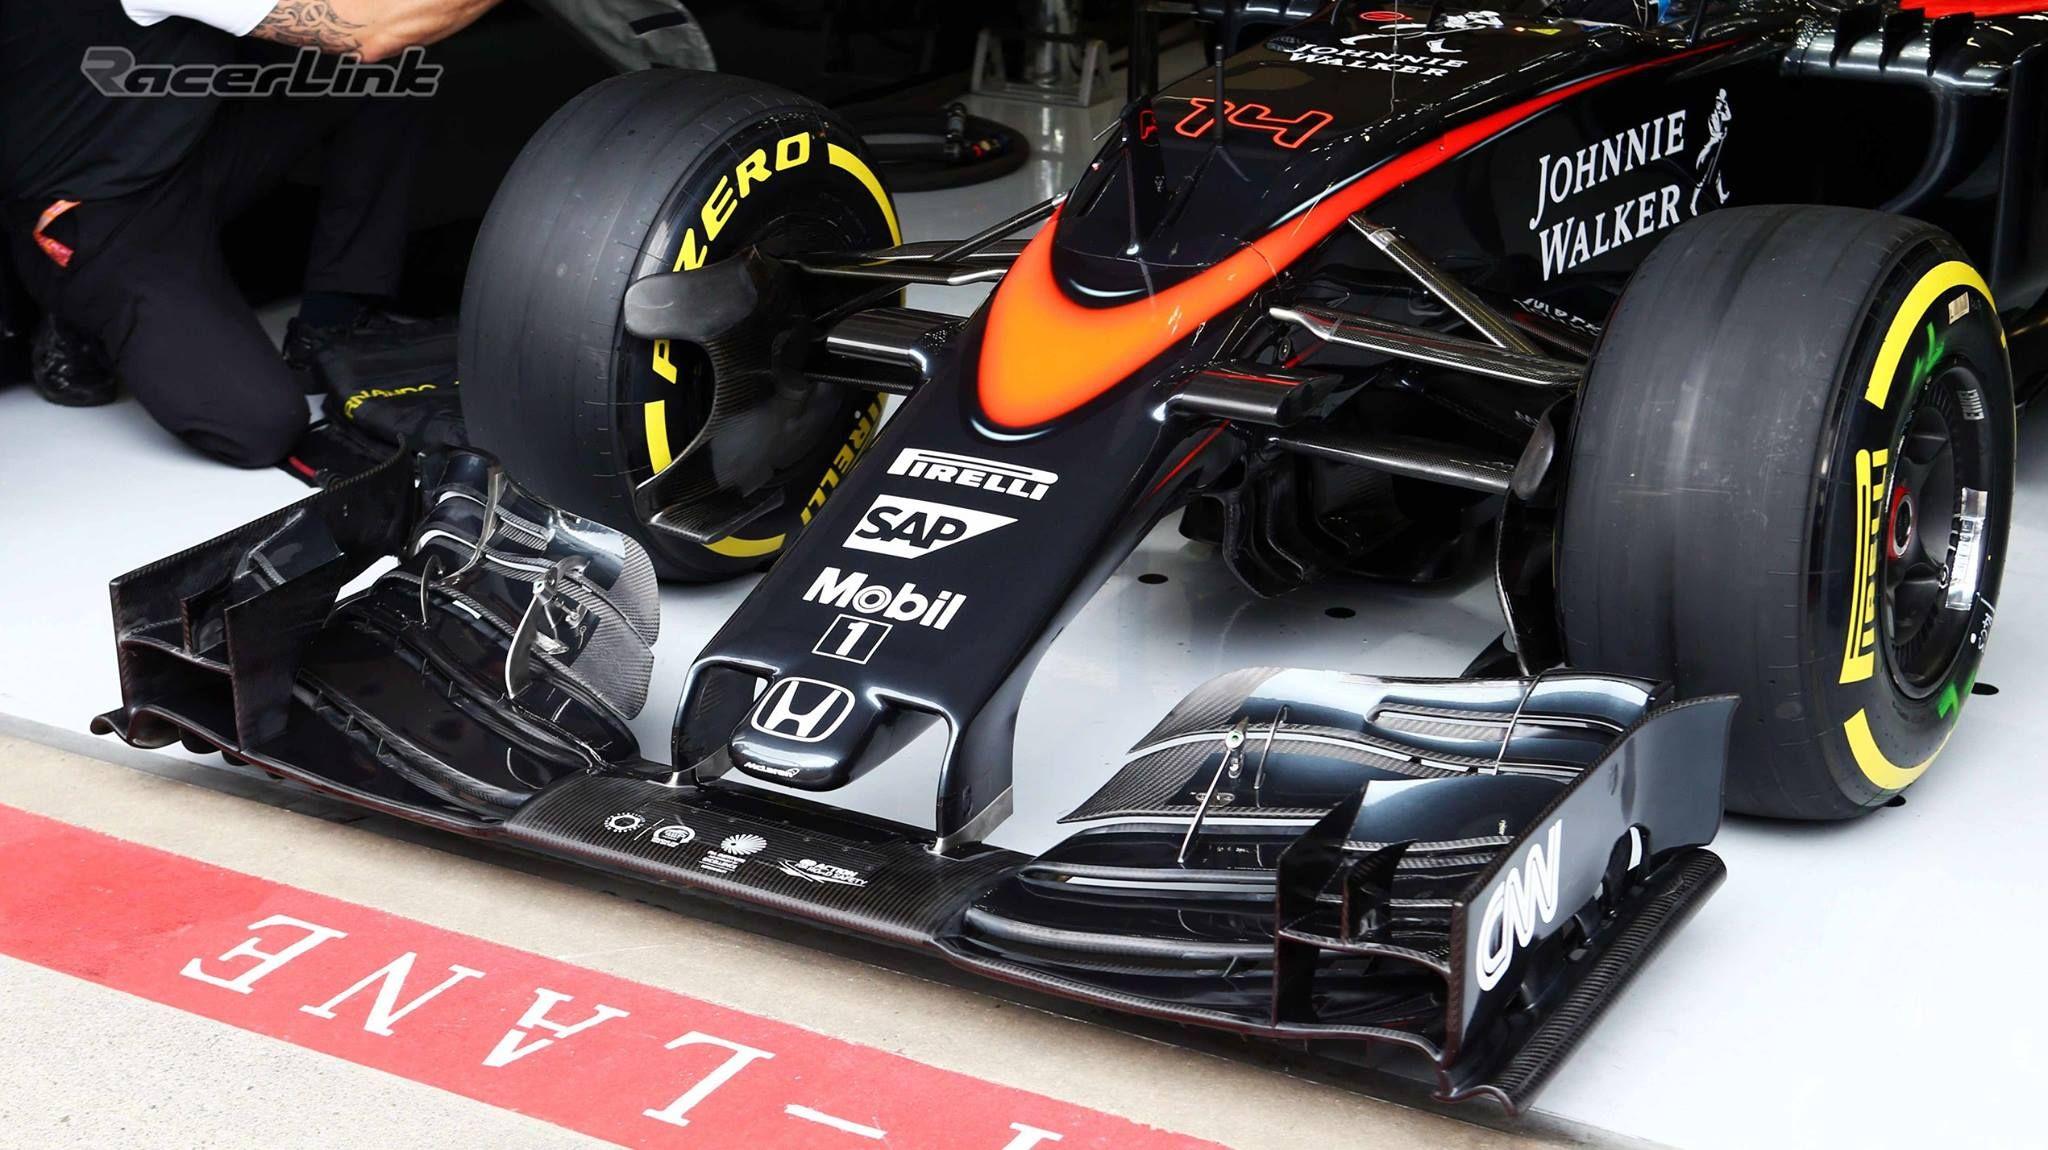 McLaren HONDA MP4-30 Update Package